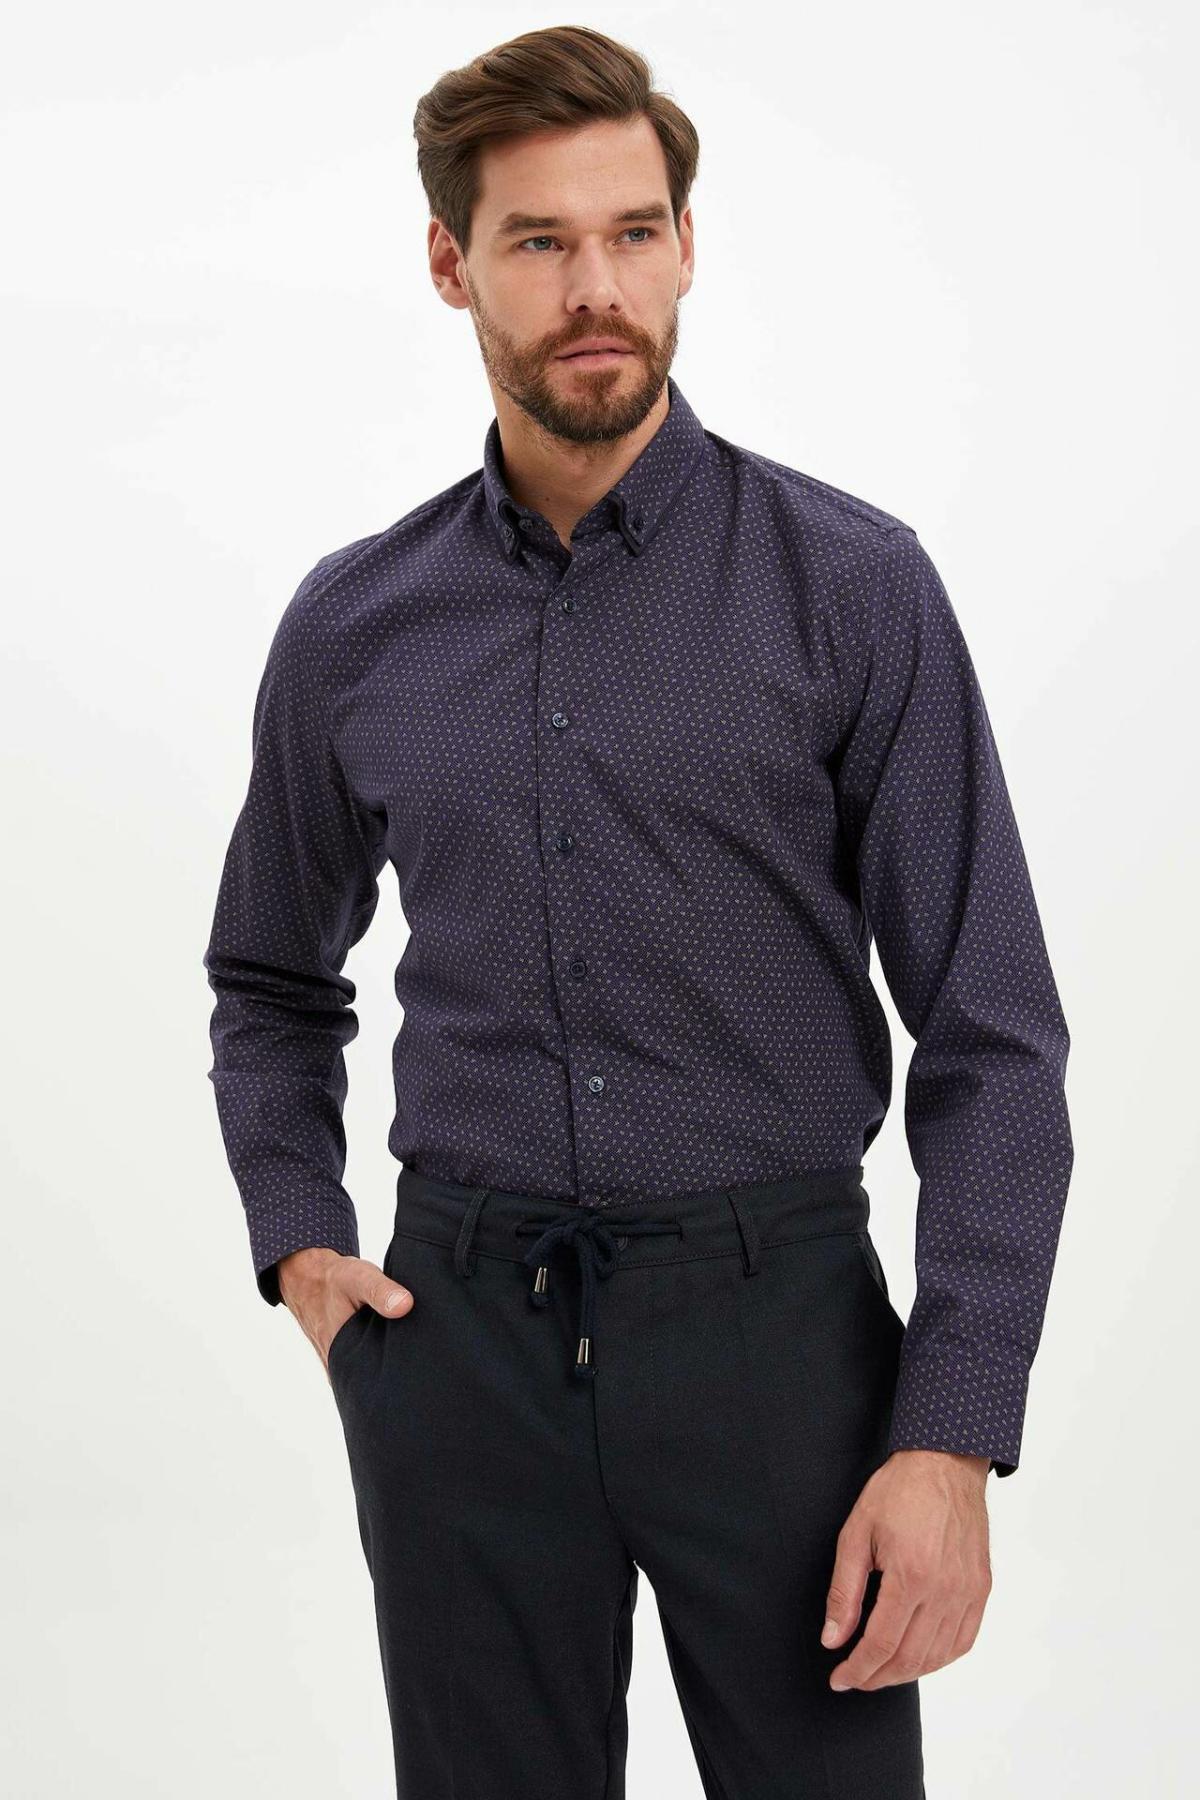 DeFacto Man Autumn Dark Color Top Shirts Men Smart Casual Prints Shirts Male Long Sleeve Shirt-L5807AZ19AU